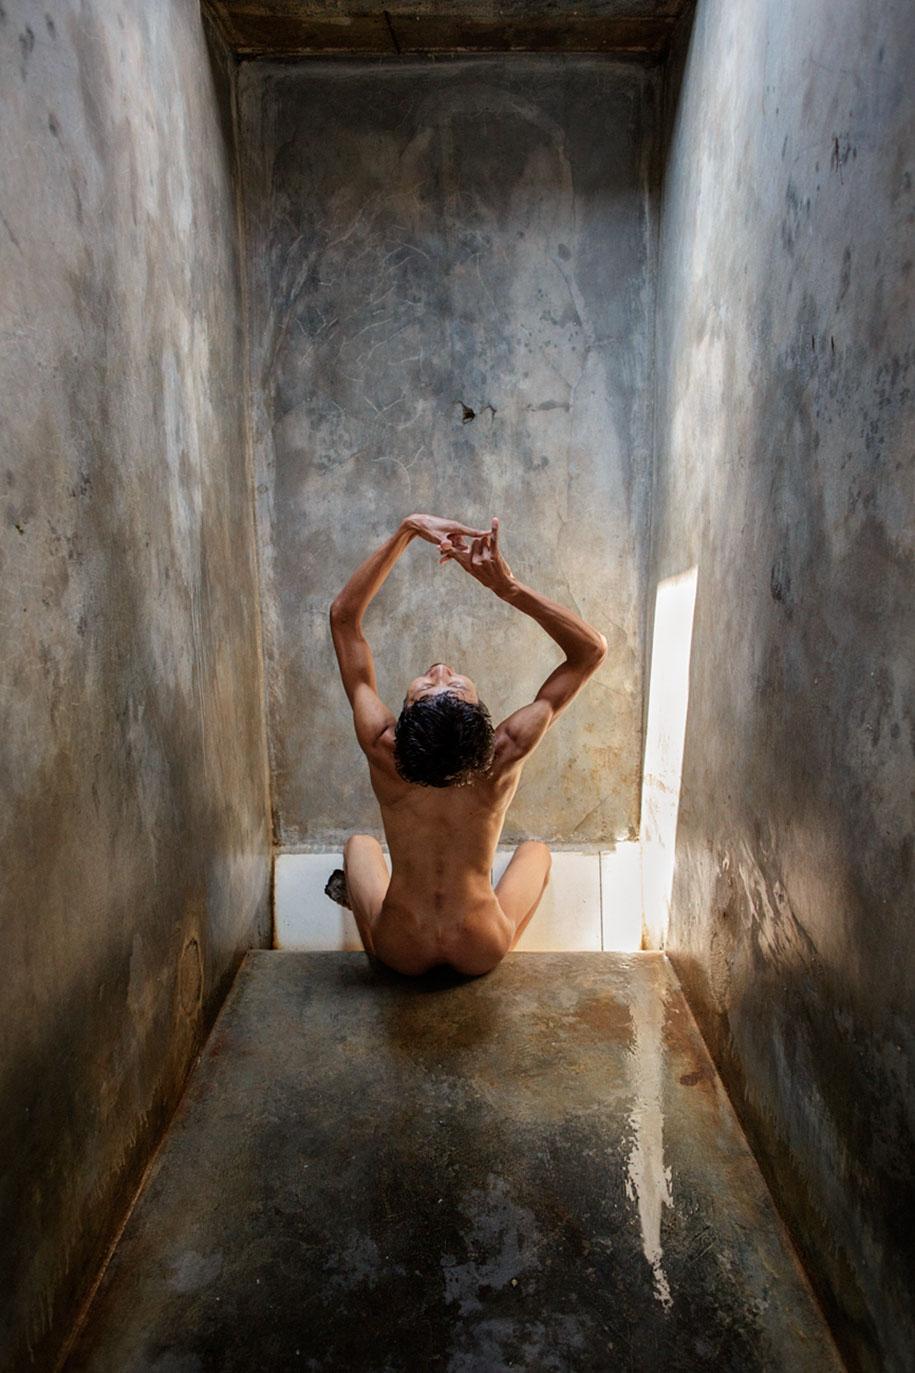 foto-scioccanti-malati-mentali-indonesia-andrea-star-reese-02